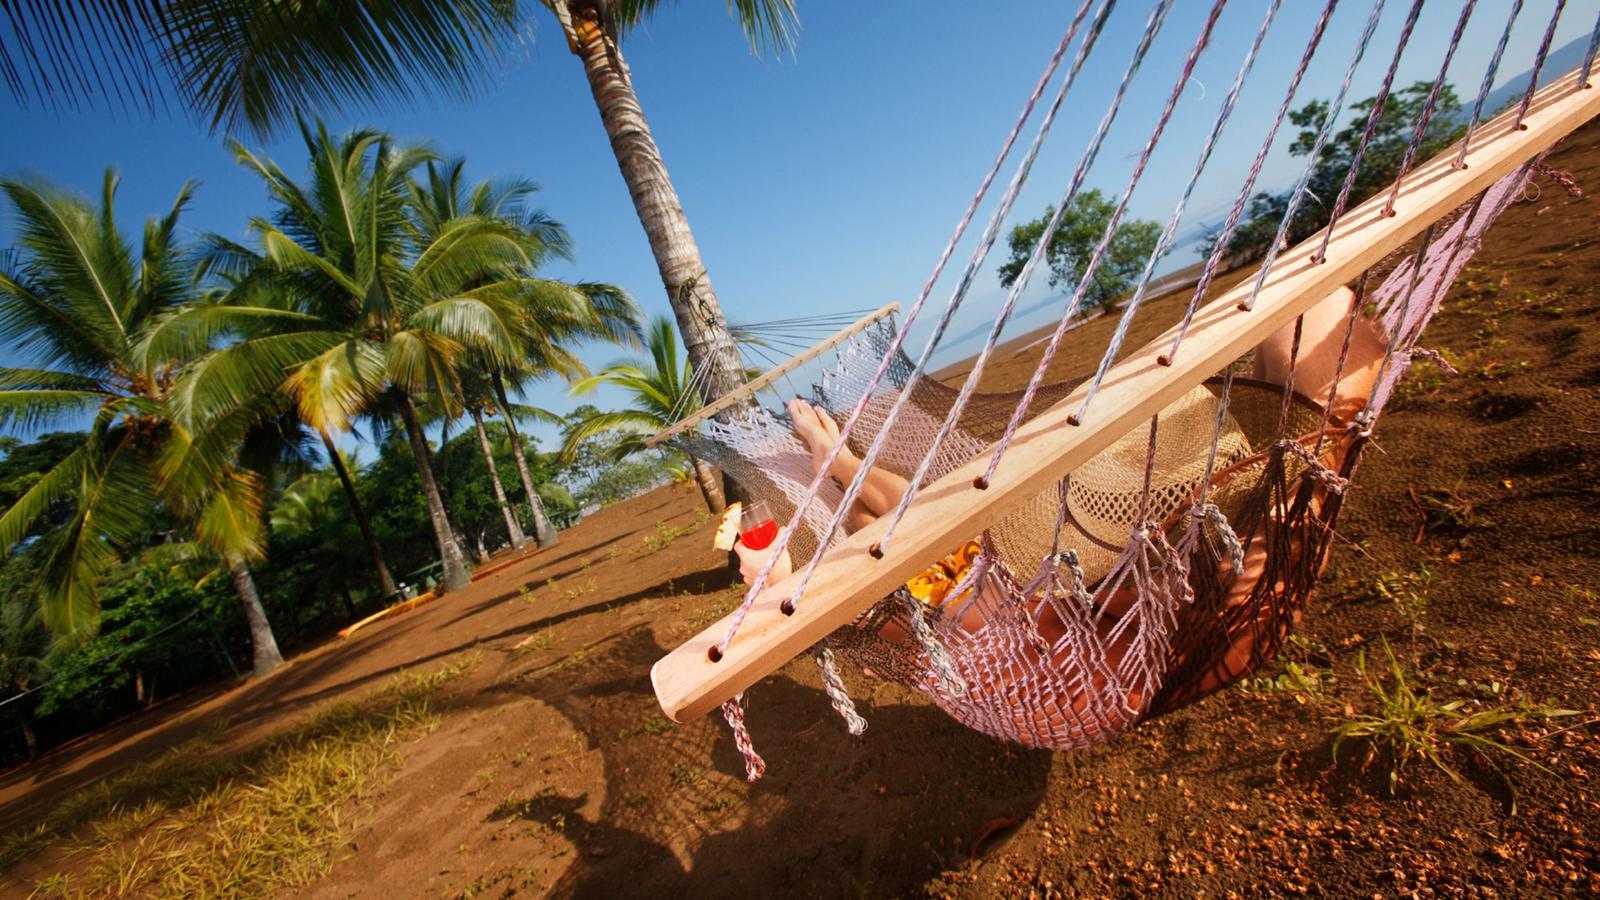 Hängematte am Strand von Samara in Costa Rica.